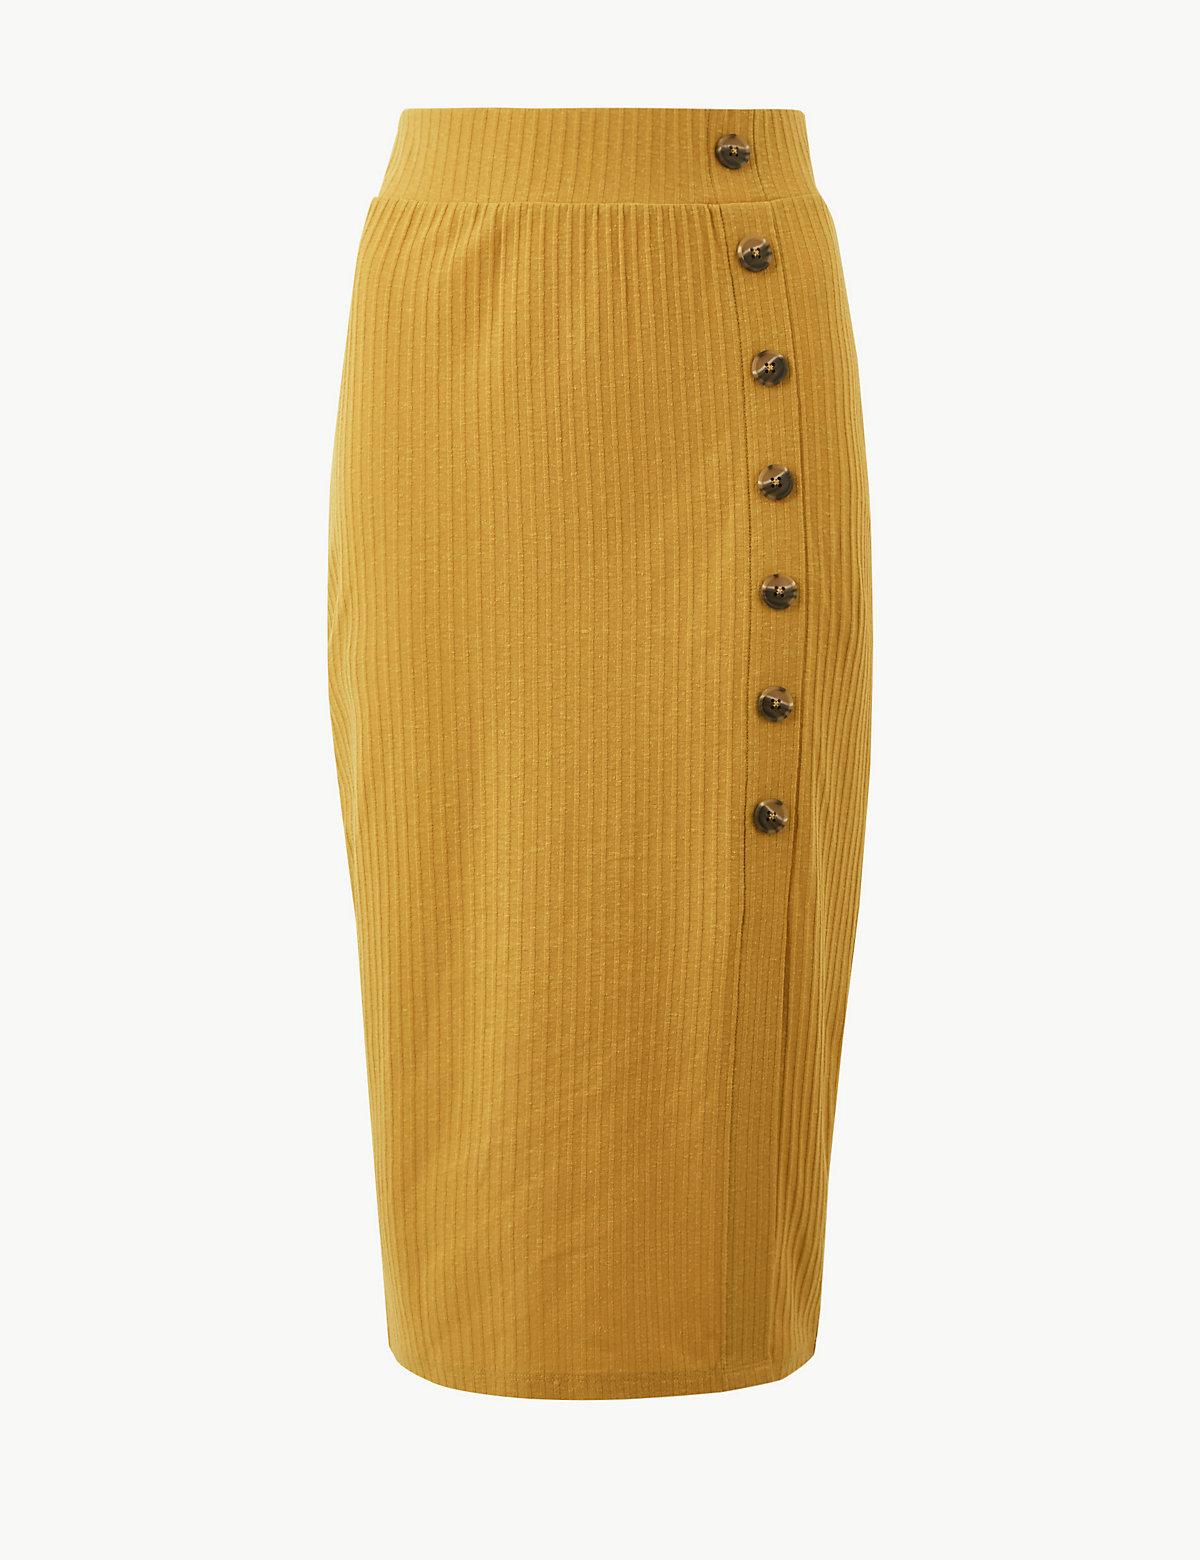 Фактурная юбка А-силуэта с большими пуговицами M&S Collection. Цвет: охра